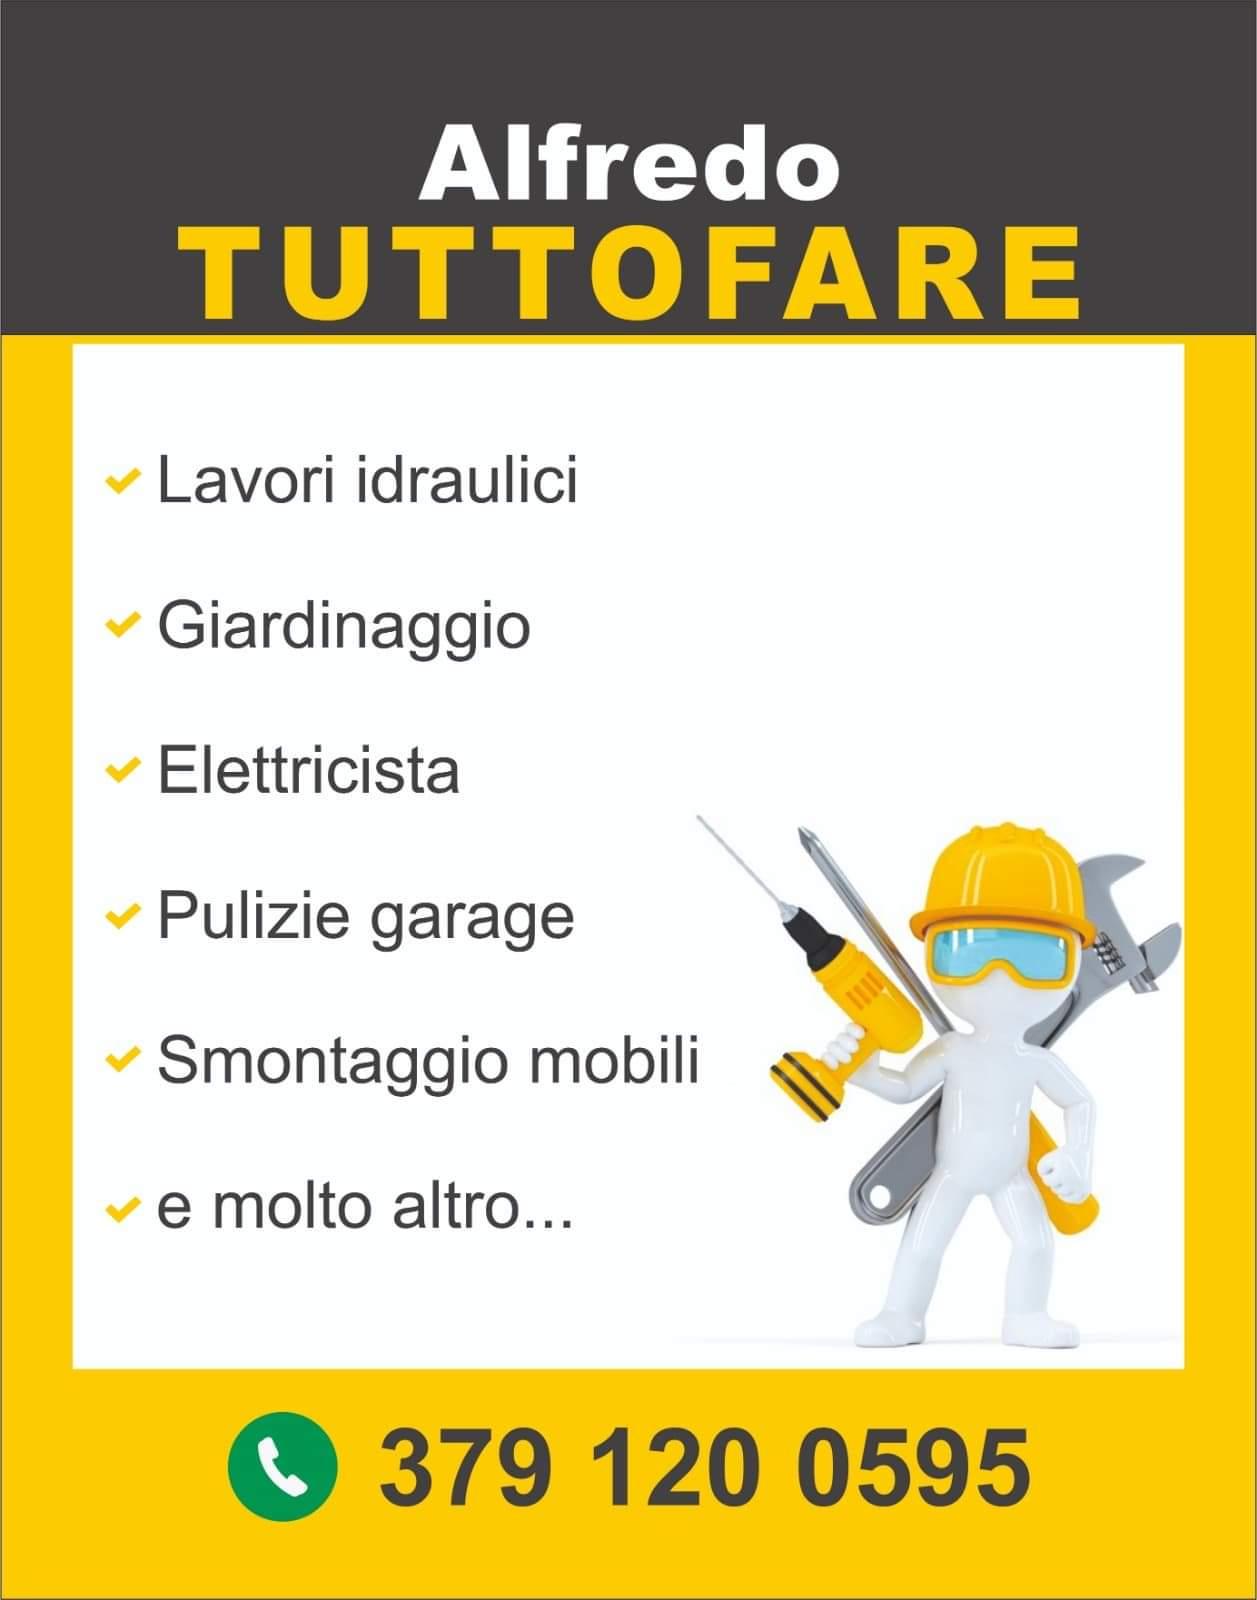 """Alfredo  TUTTOFARE  Lavori idraulici     Giardinaggio Elettricista  Pulizie garage """"5, . < 7 PE  Smontaggio mobili  NN e molto altro... 4  O 379 120 0595"""